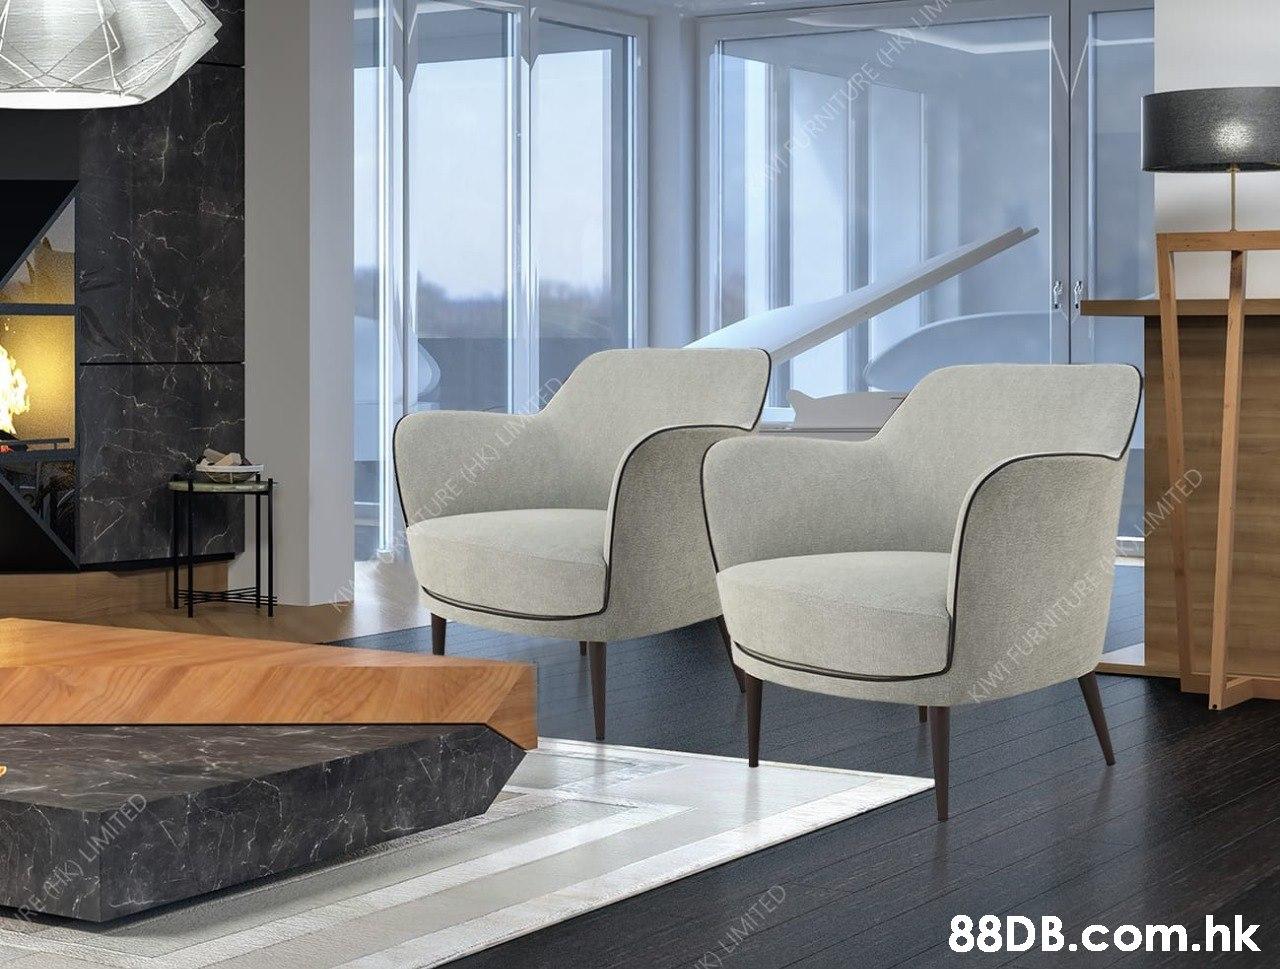 ORNITURE (HALIN URE (HK) LIMED LIMITED RE GHK) KIWI FURNITURE (NMITED LIMITED .hk  Furniture,Living room,Room,Interior design,Property